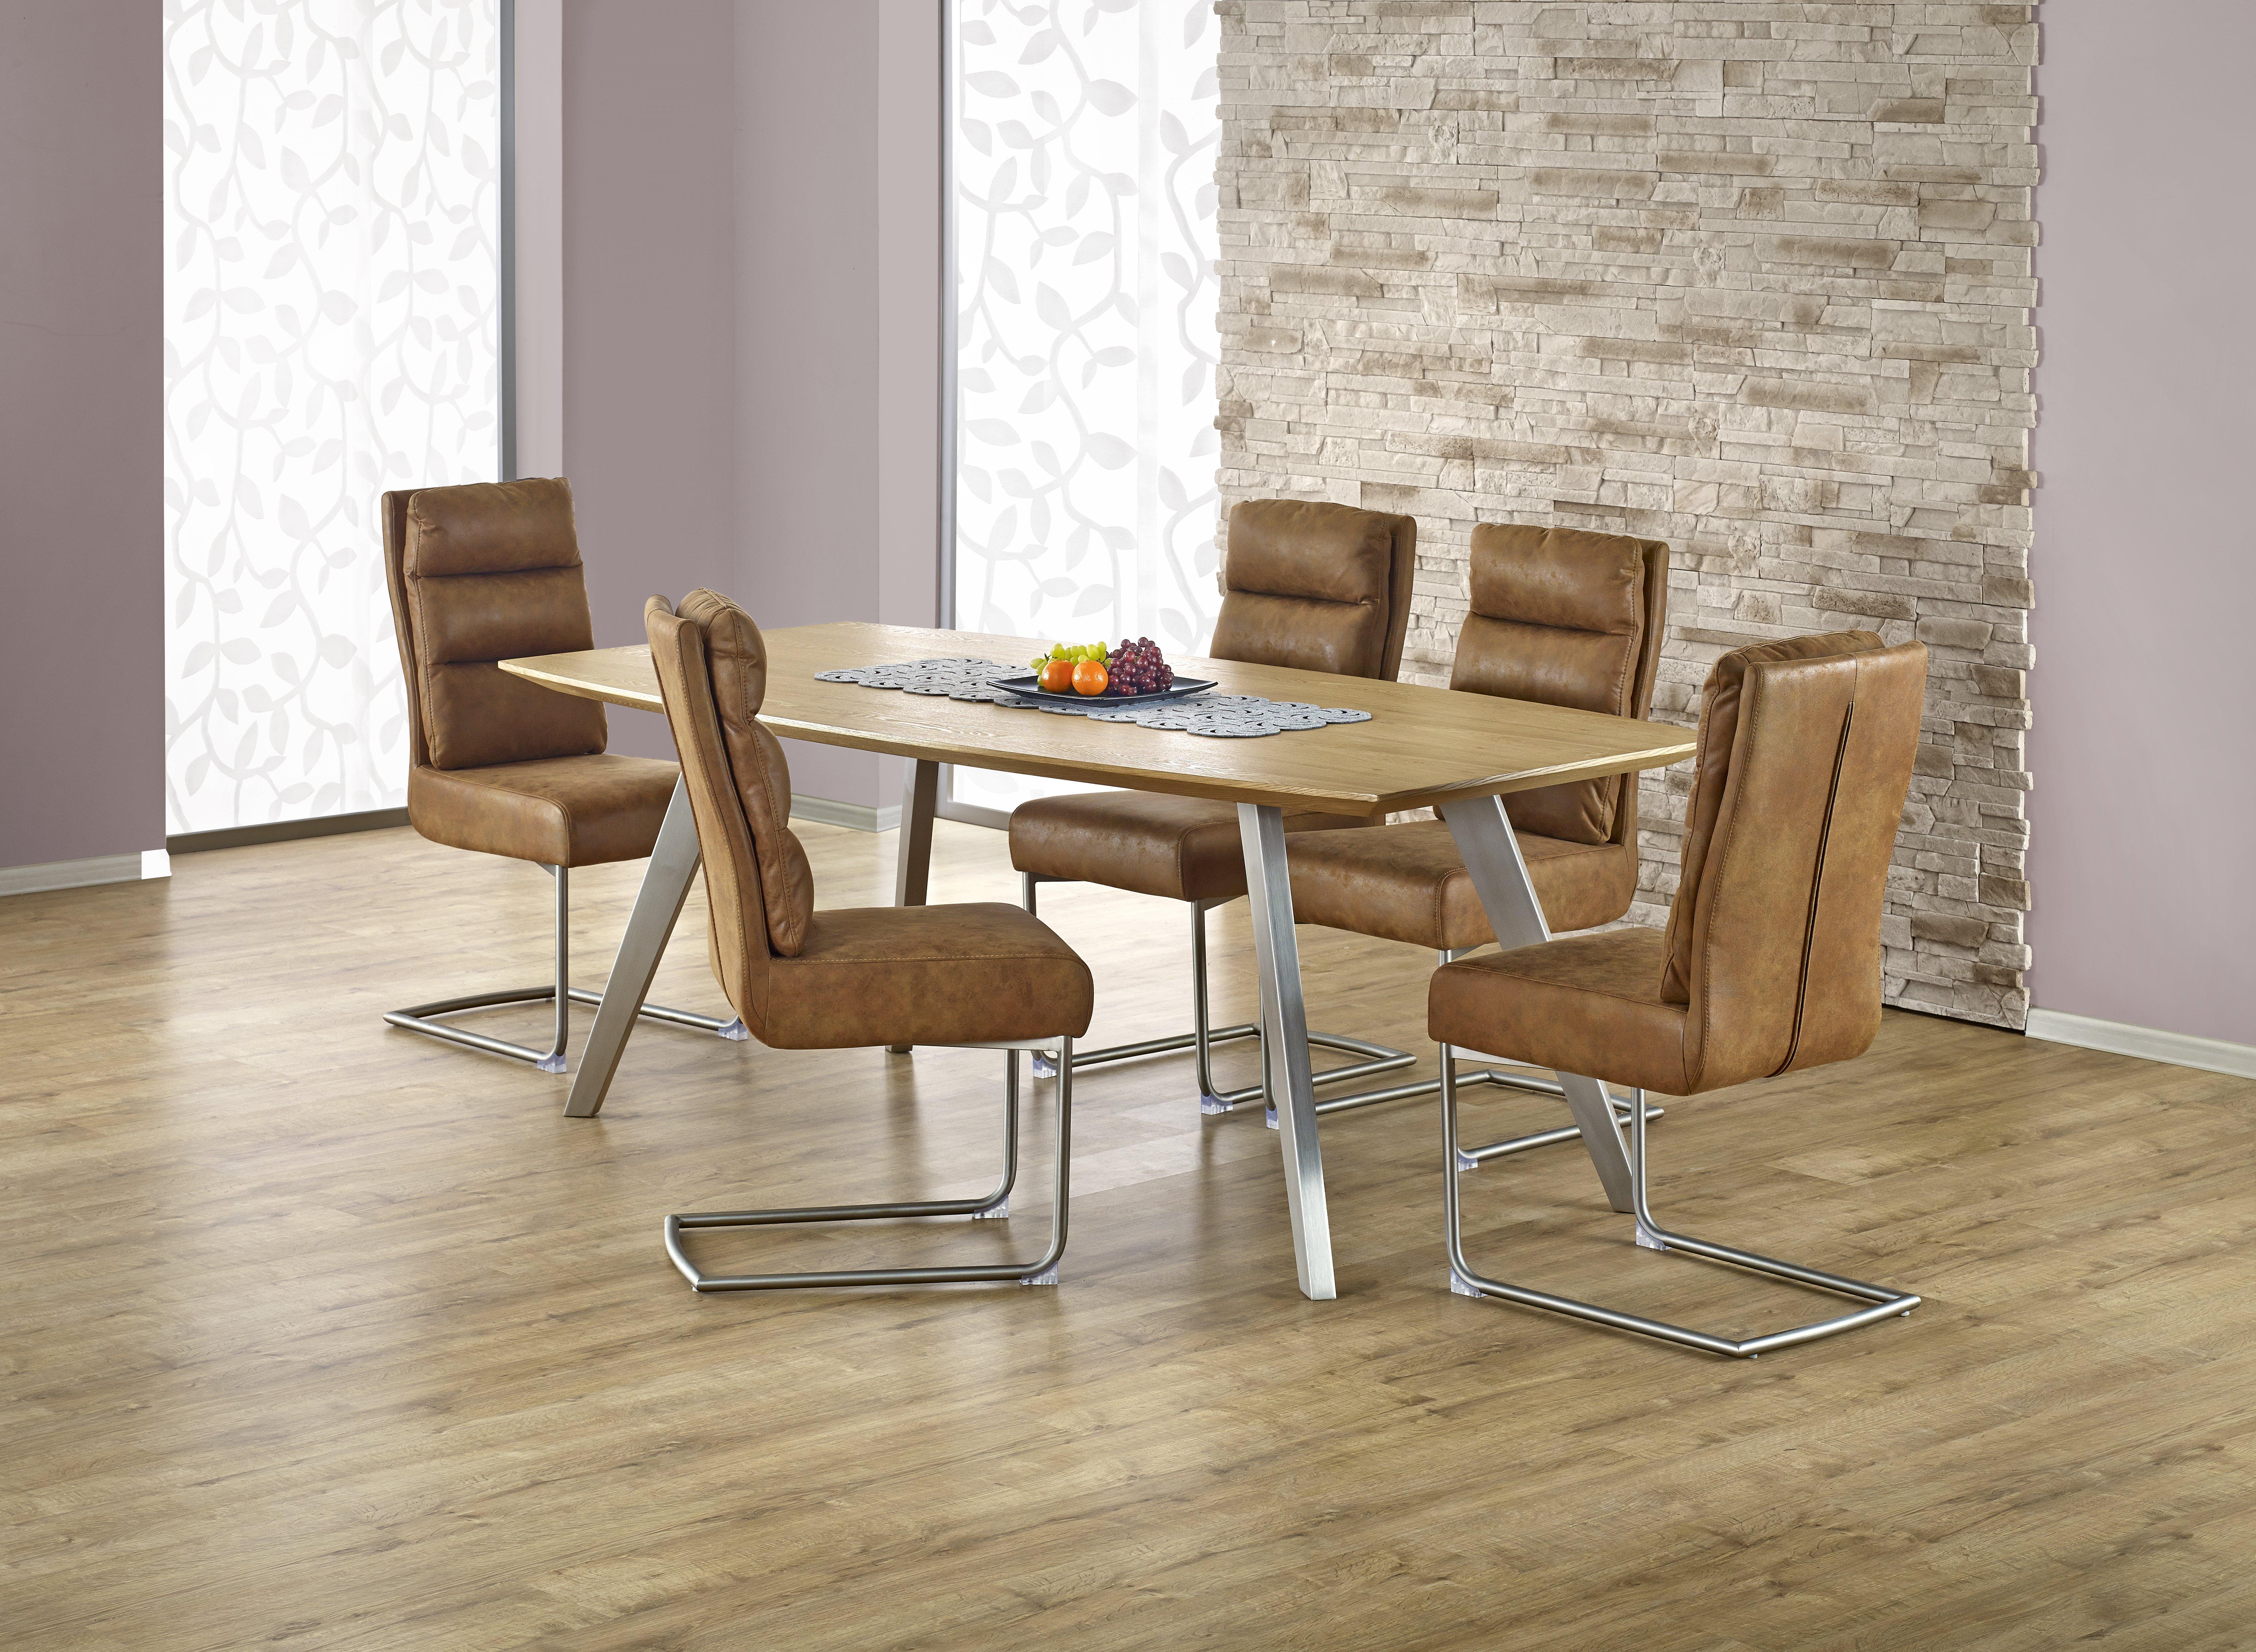 Jídelní stůl - Halmar - Goliat (pro 6 osob)